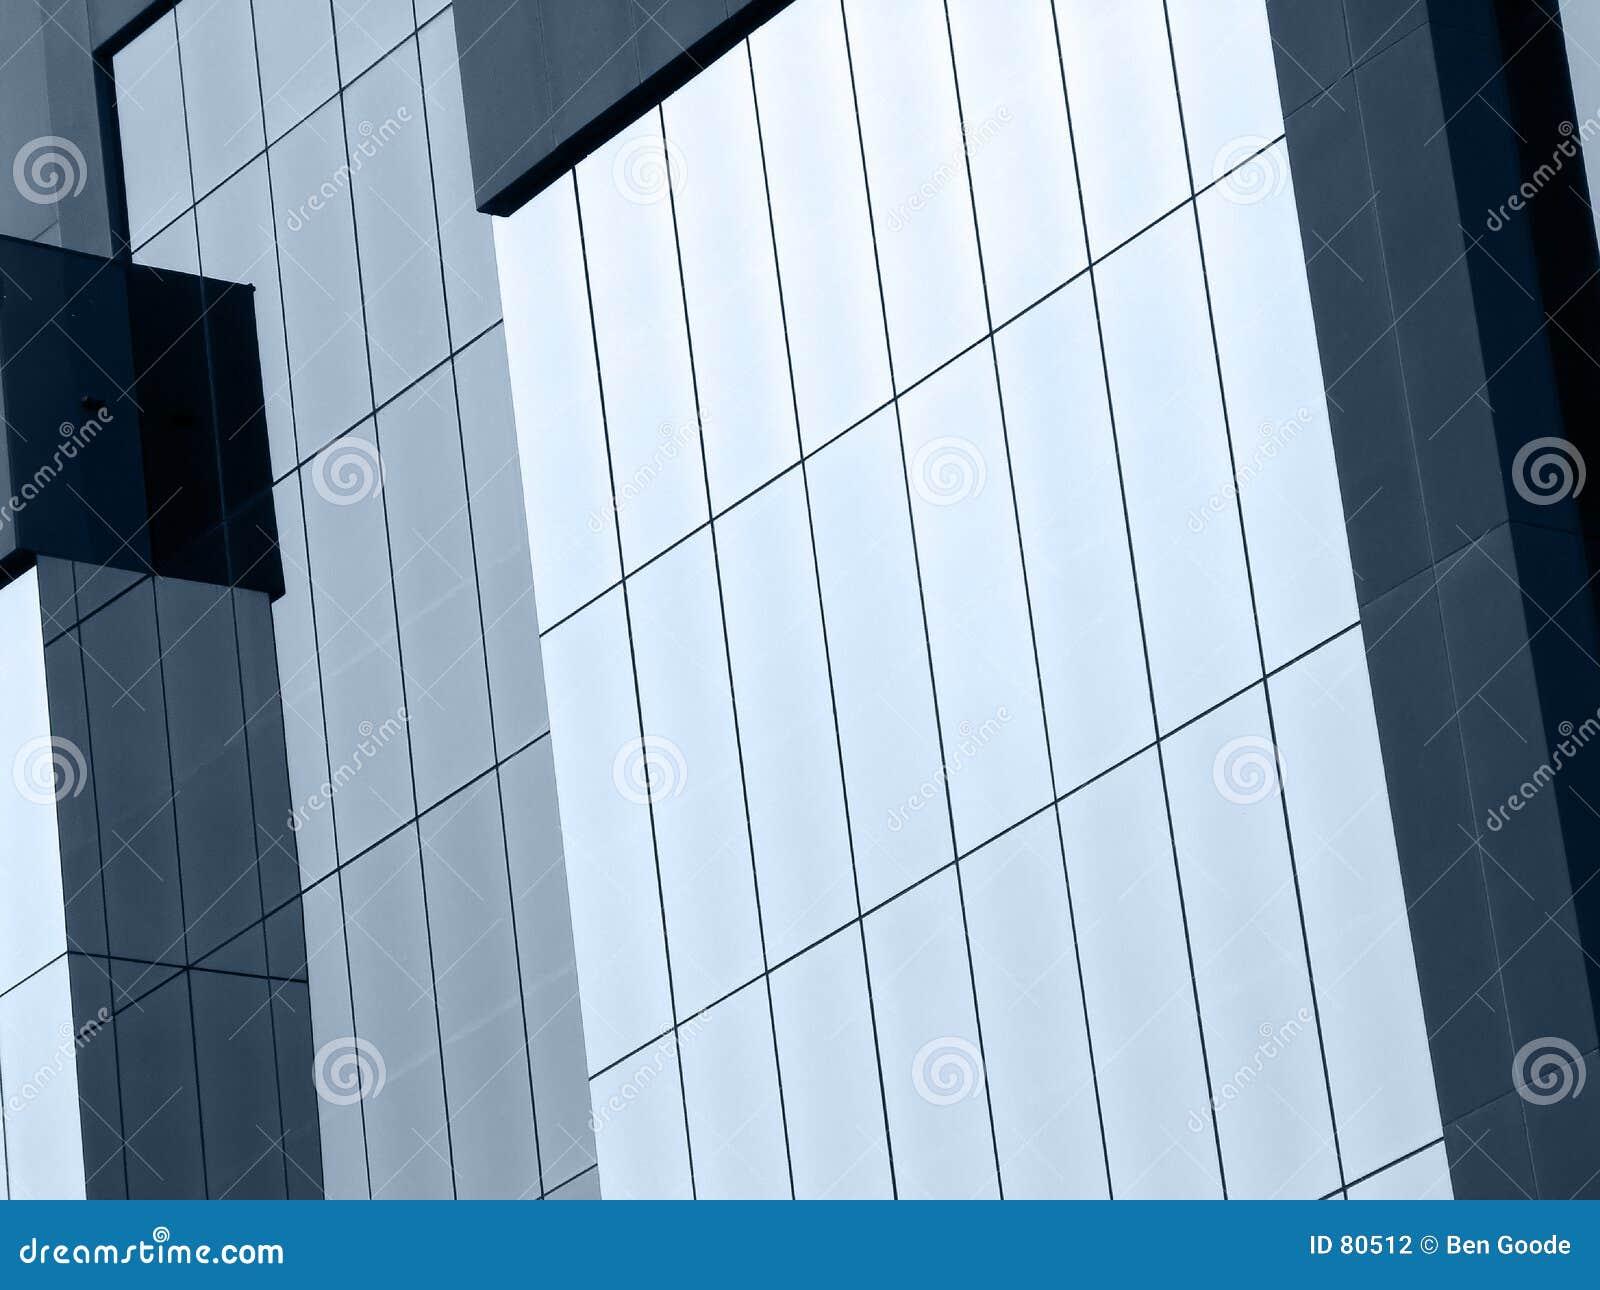 Kieliszek budynku.